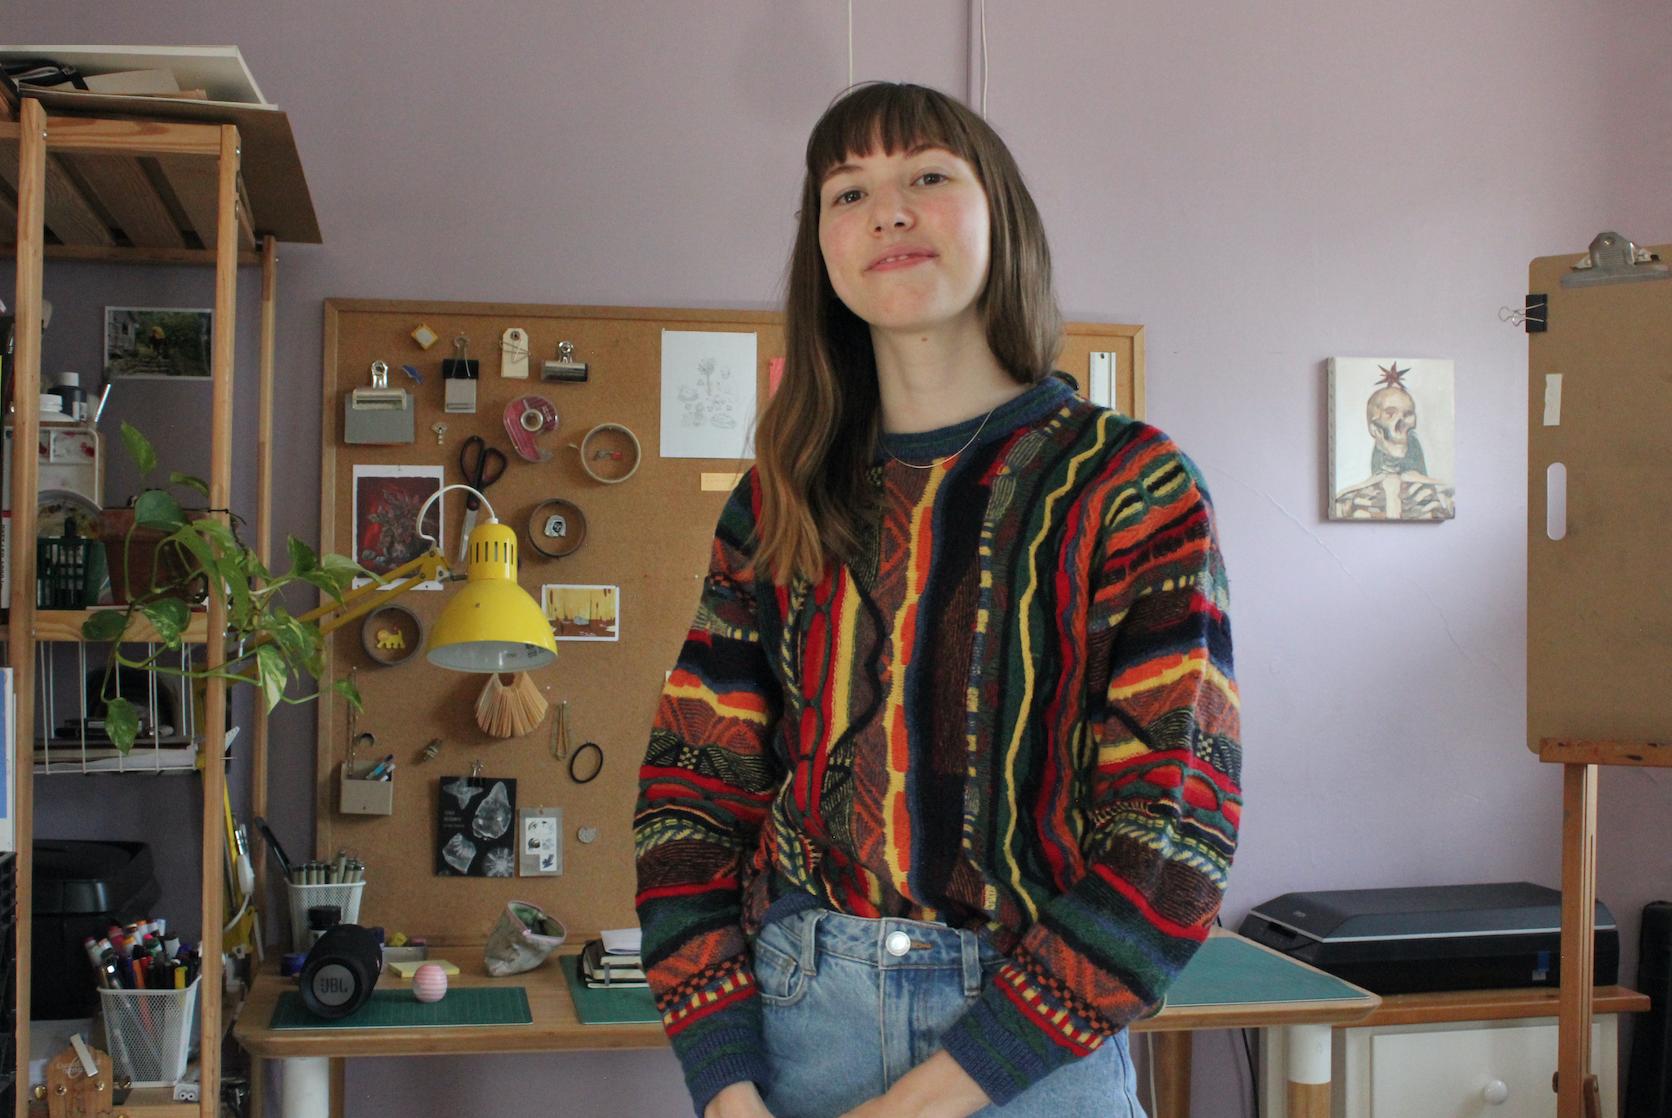 Meet Illustrator Kima Lenaghan